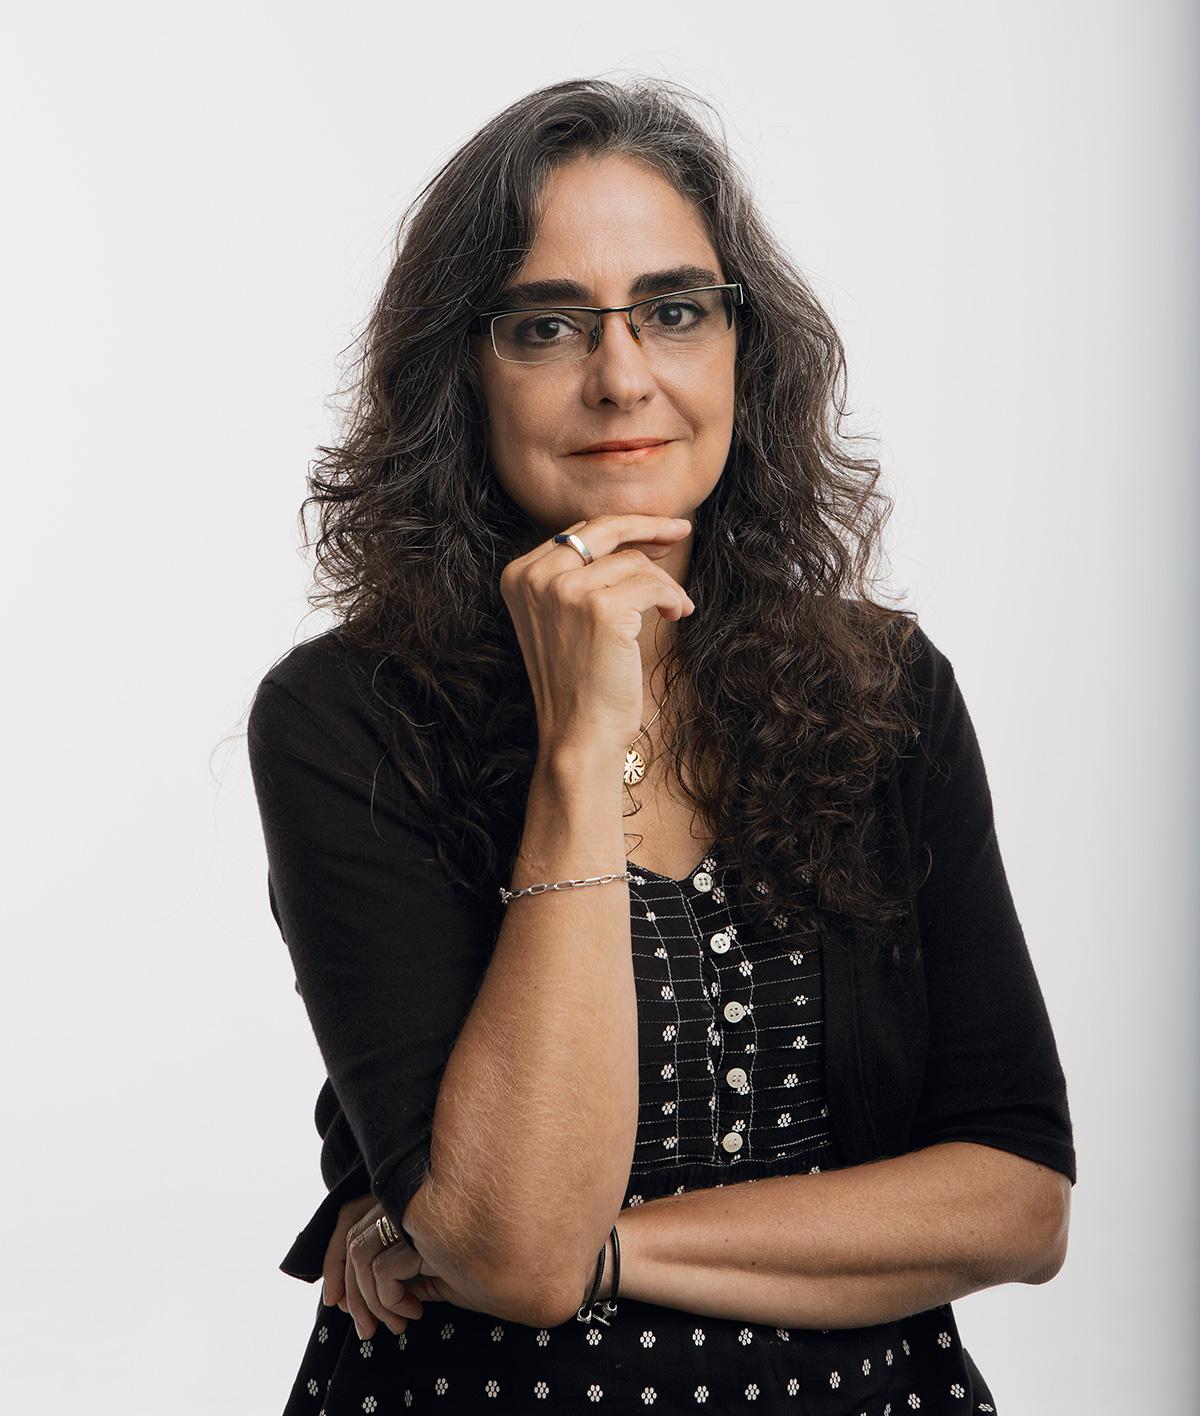 Marcia Castro usa imagens de satélite, modelos matemáticos e outras ferramentas para estudar a transmissão de doenças. É a primeira mulher a virar professora titular de seu departamento